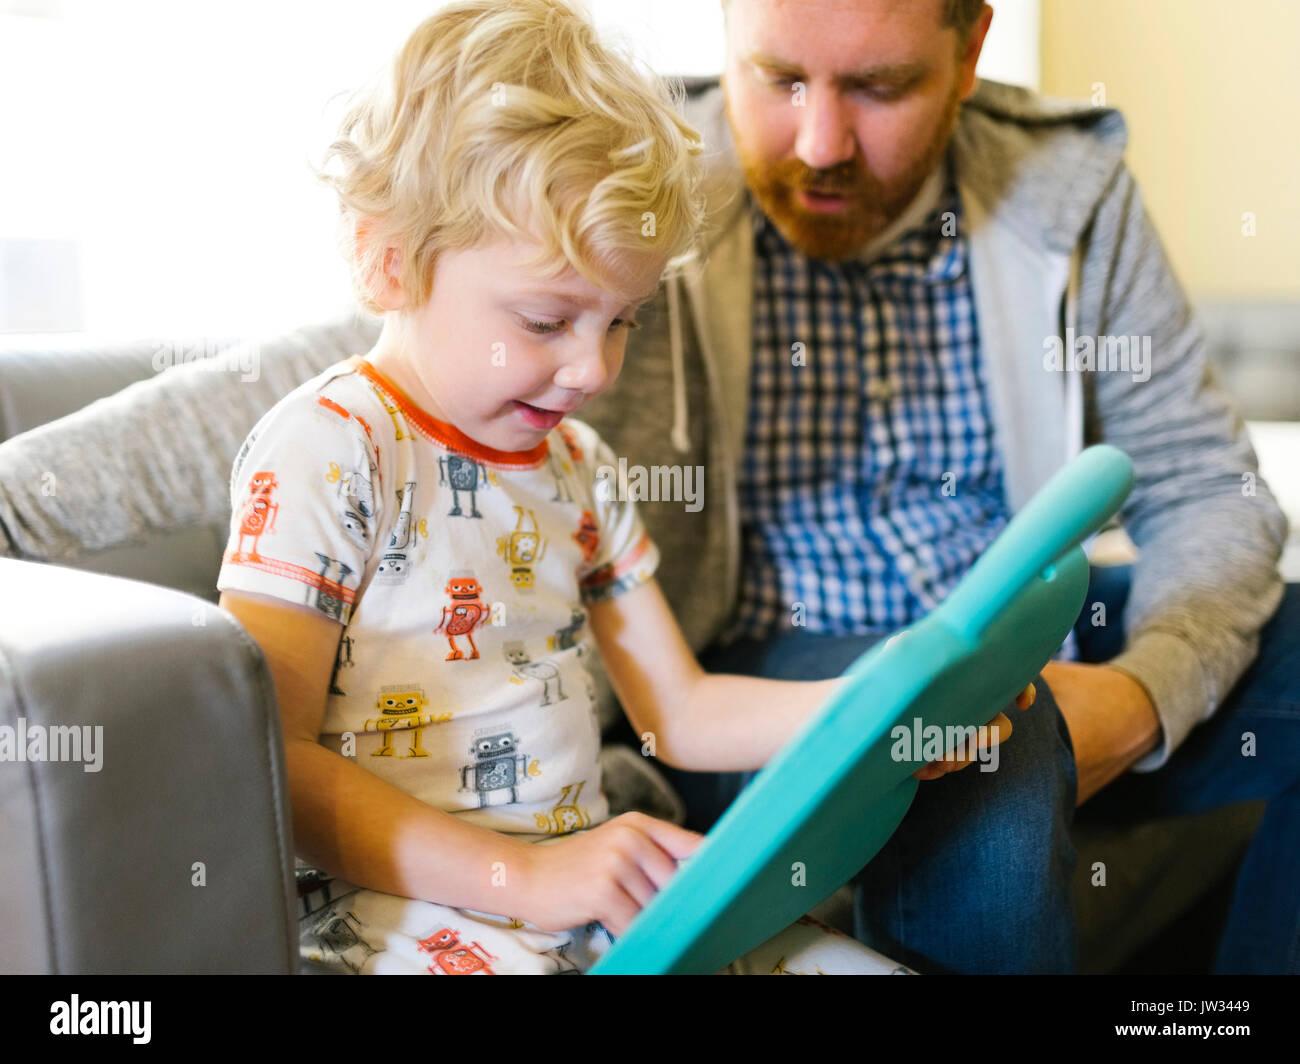 El padre y el hijo (4-5) jugando con juguetes electrónicos Imagen De Stock